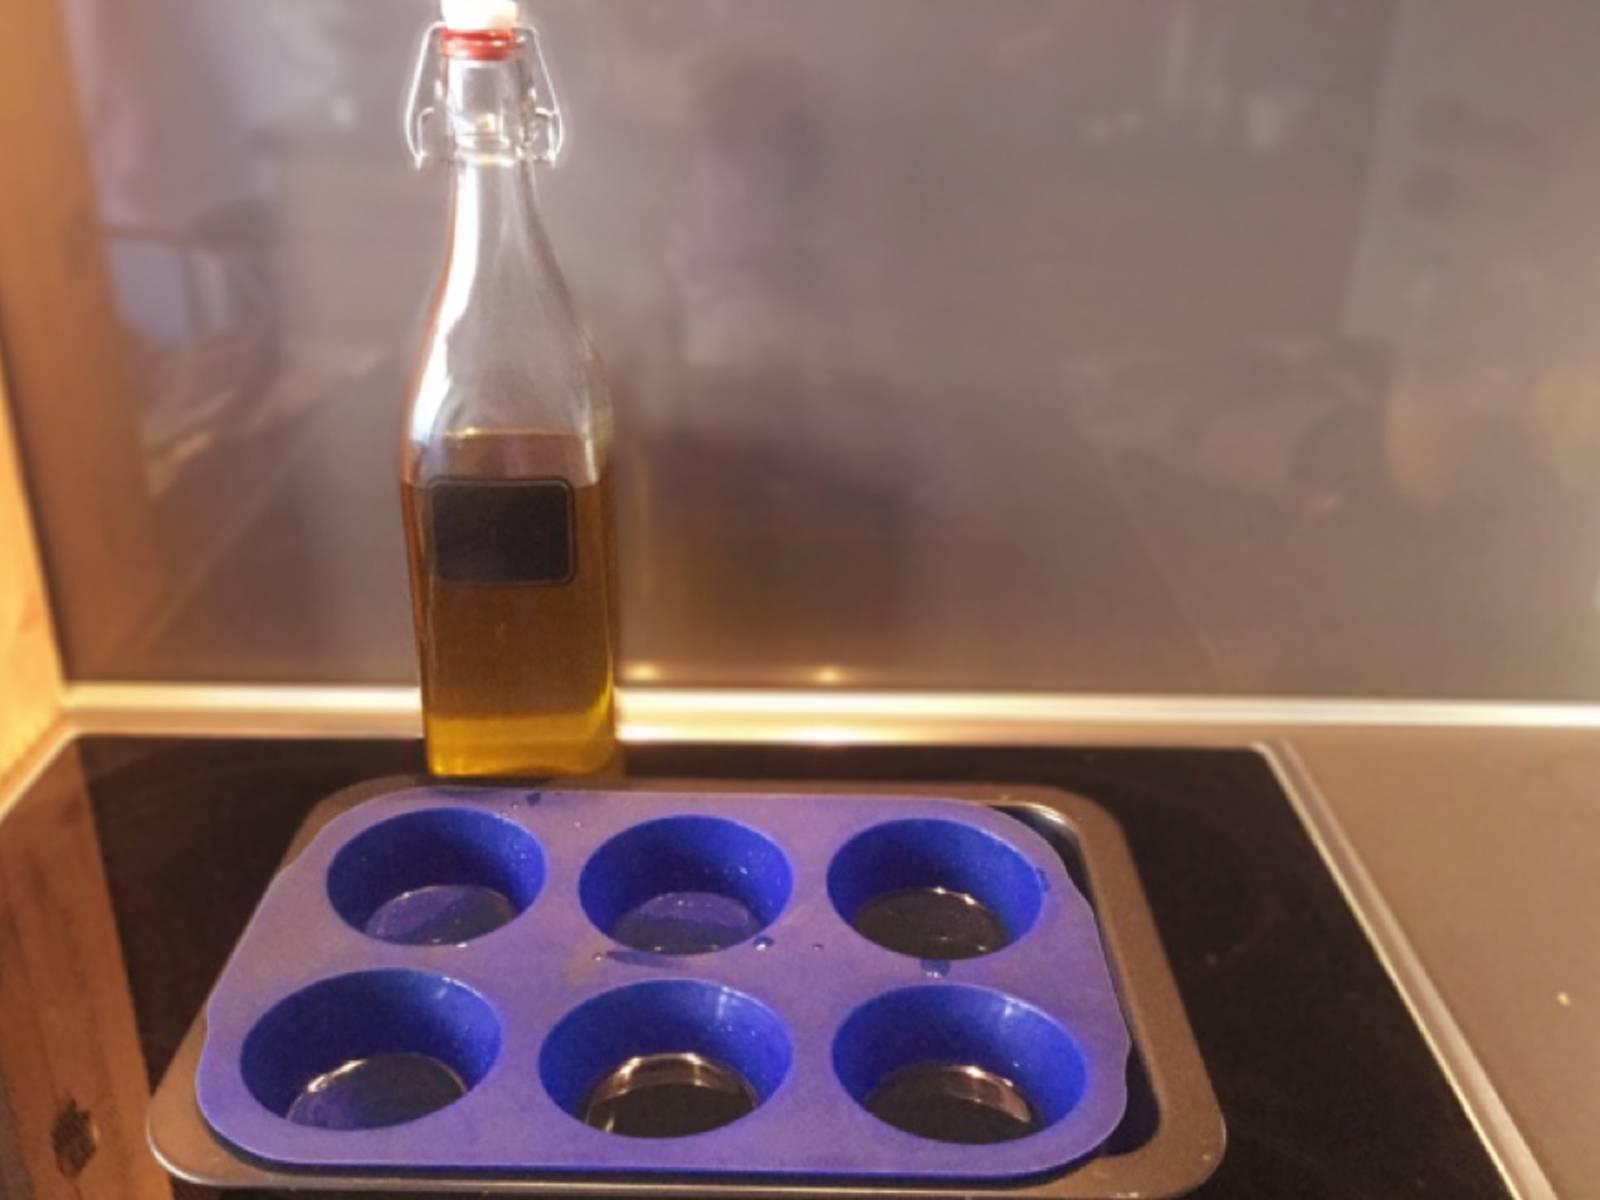 将烤箱预热至220℃。往每个玛芬杯中涂一茶匙油,润滑各面。放入烤箱中,充分热透后再取出。